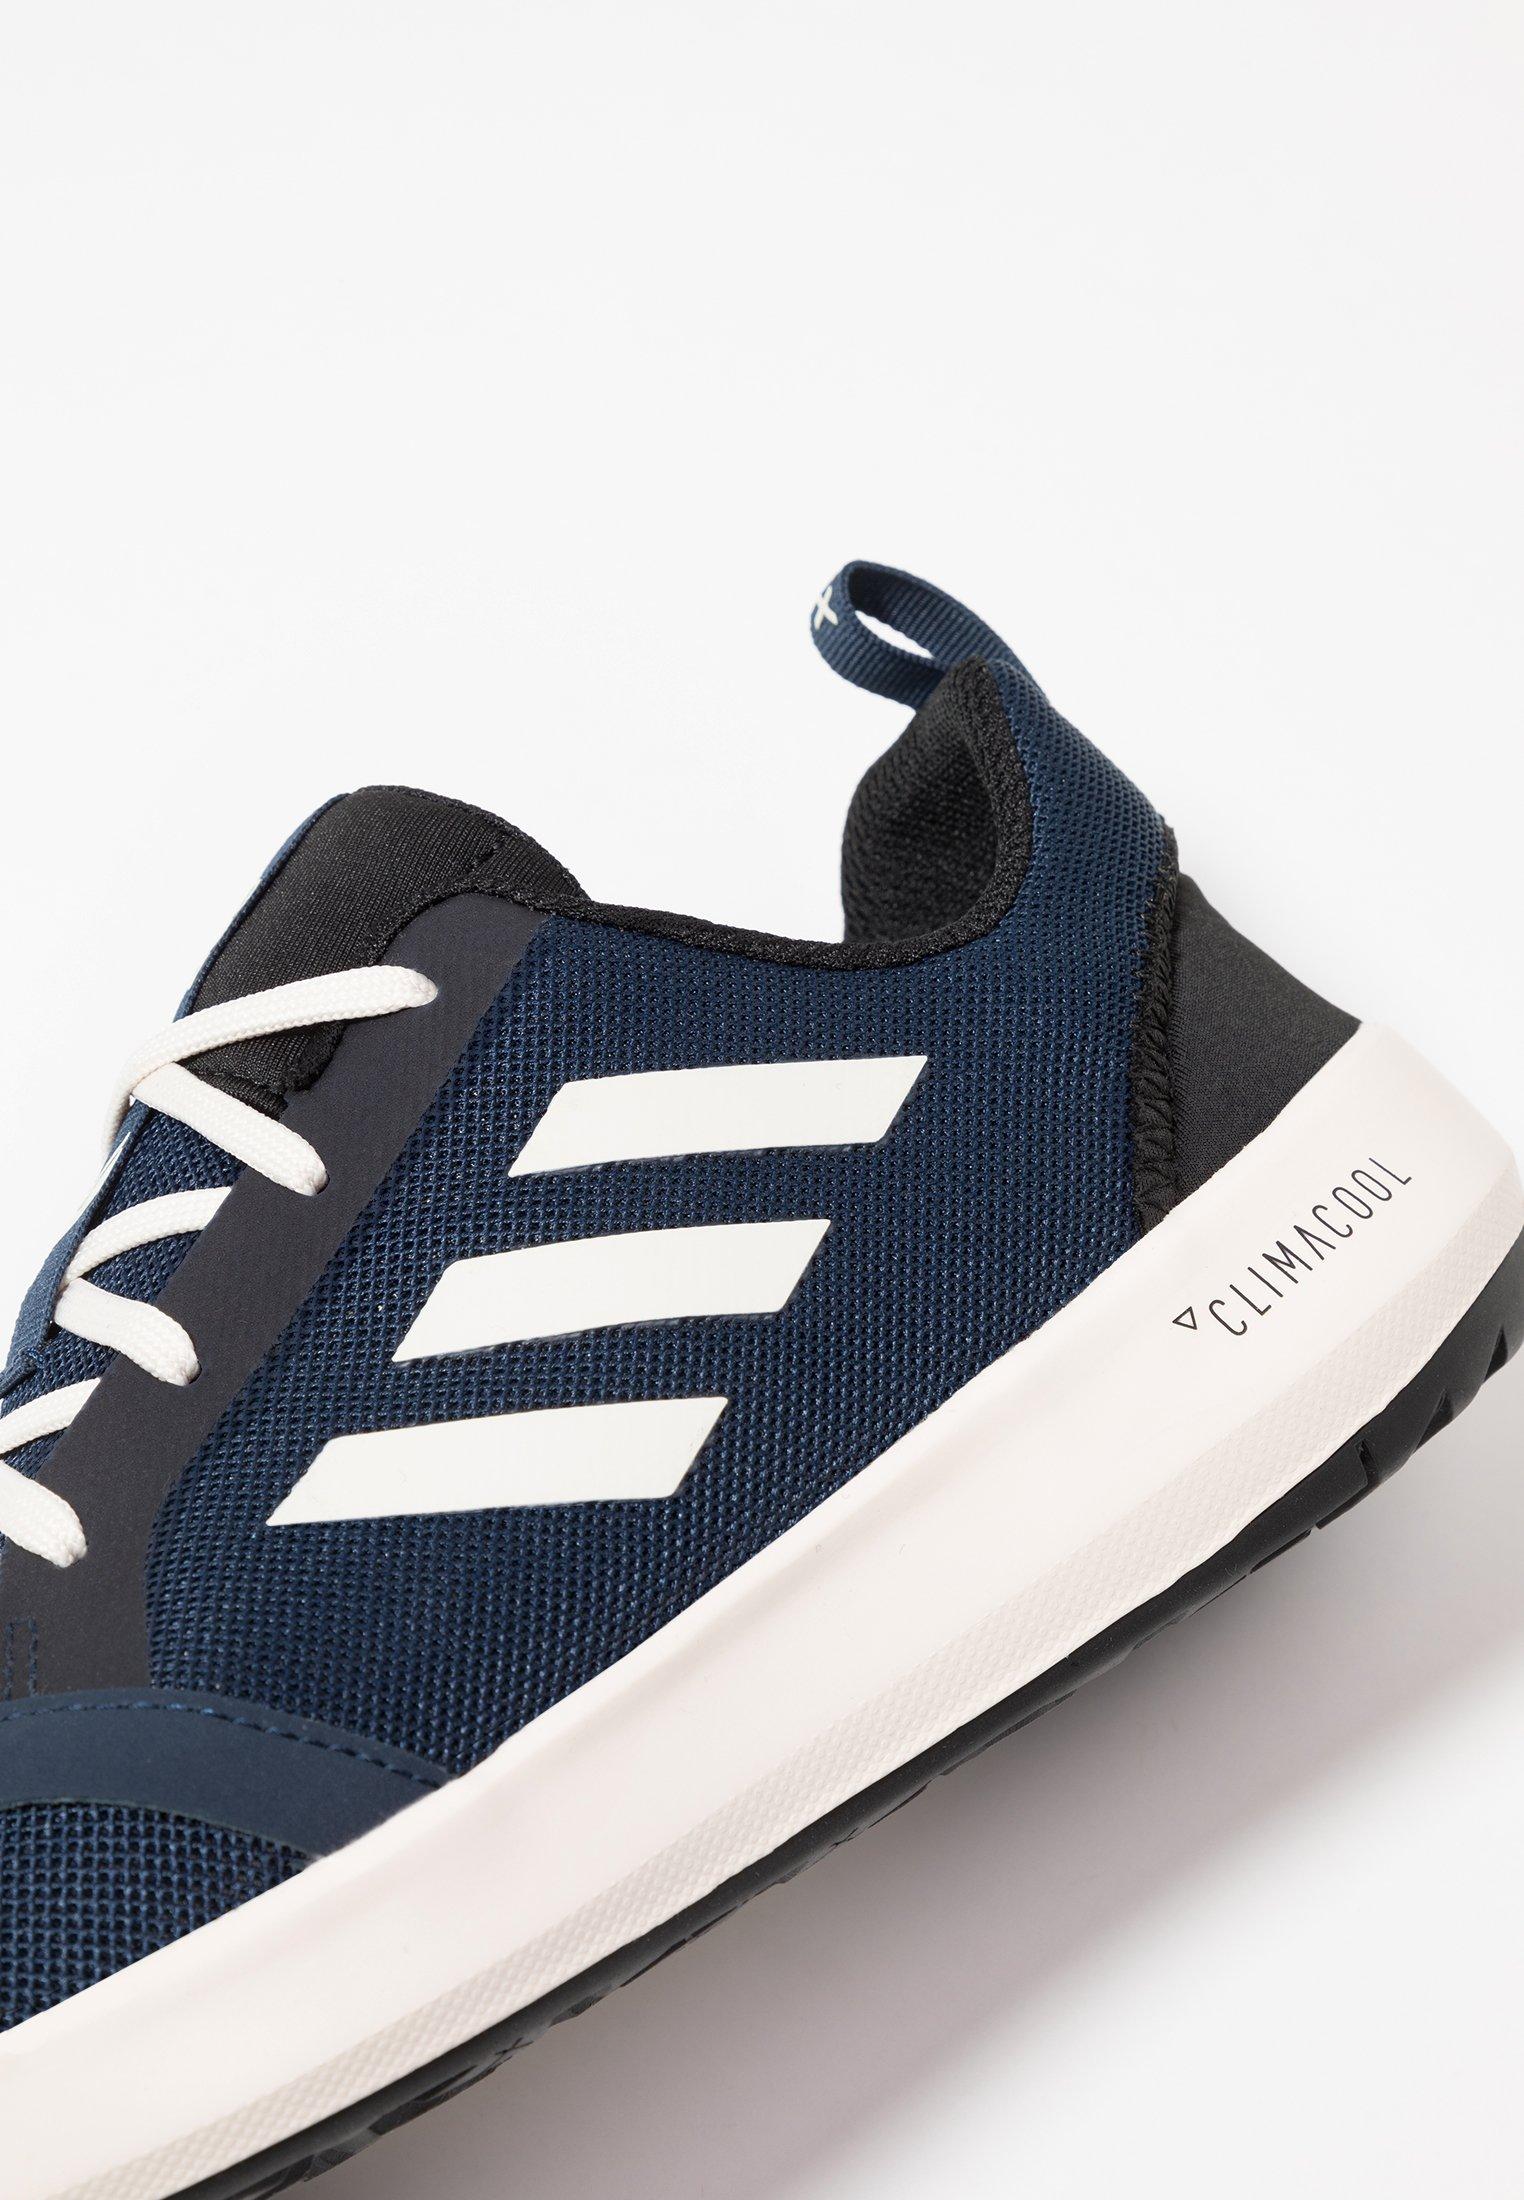 adidas Performance TERREX BOAT - Chaussures aquatiques - collegiate navy/white/core black